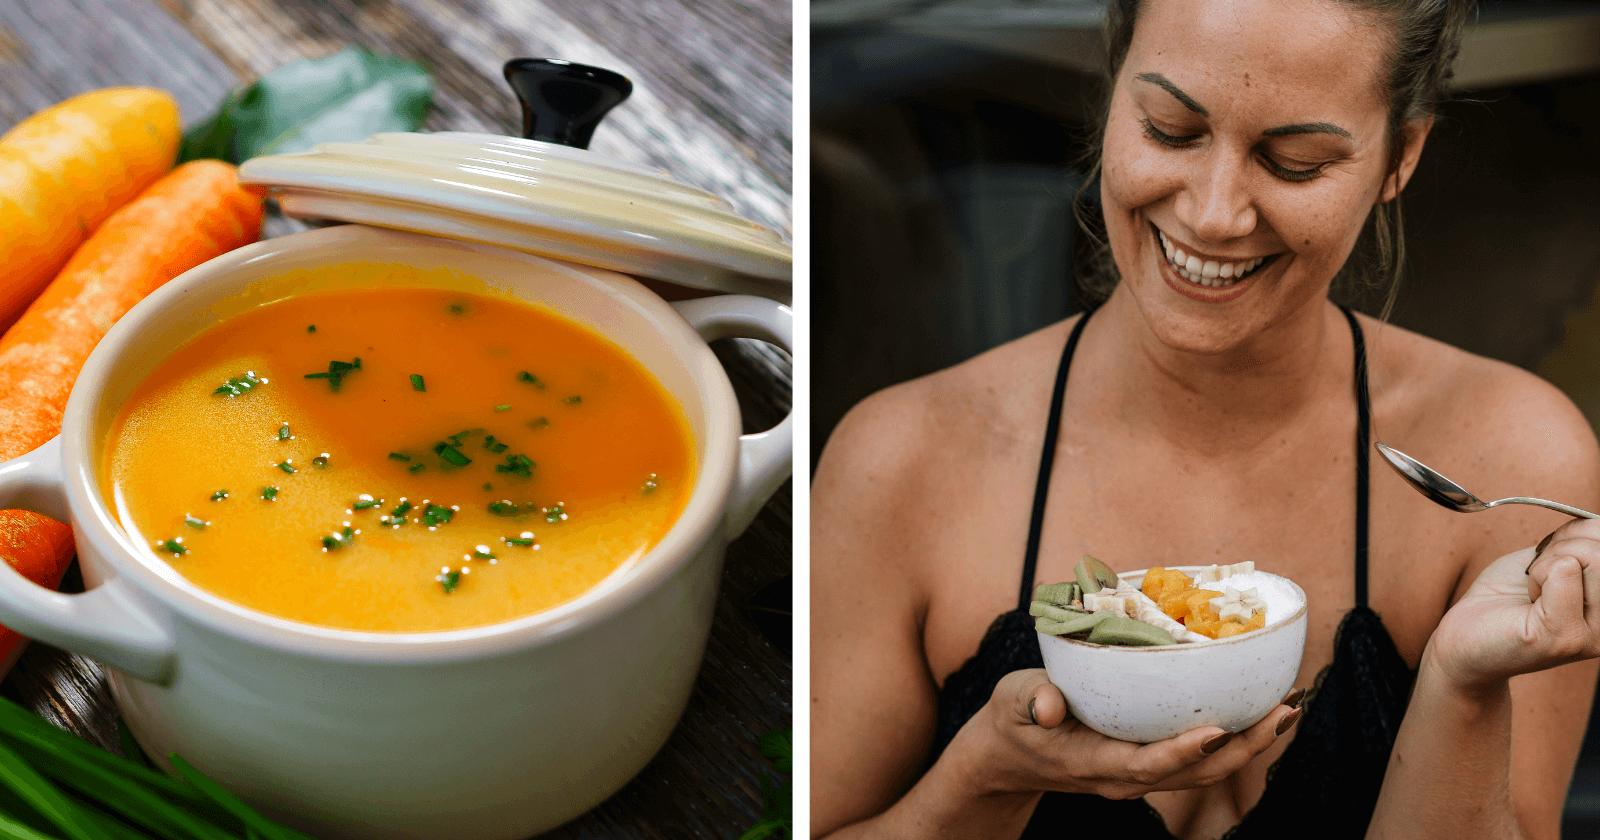 Acredita que ESSE alimento te ajudará a ENXERGAR melhor no ESCURO?